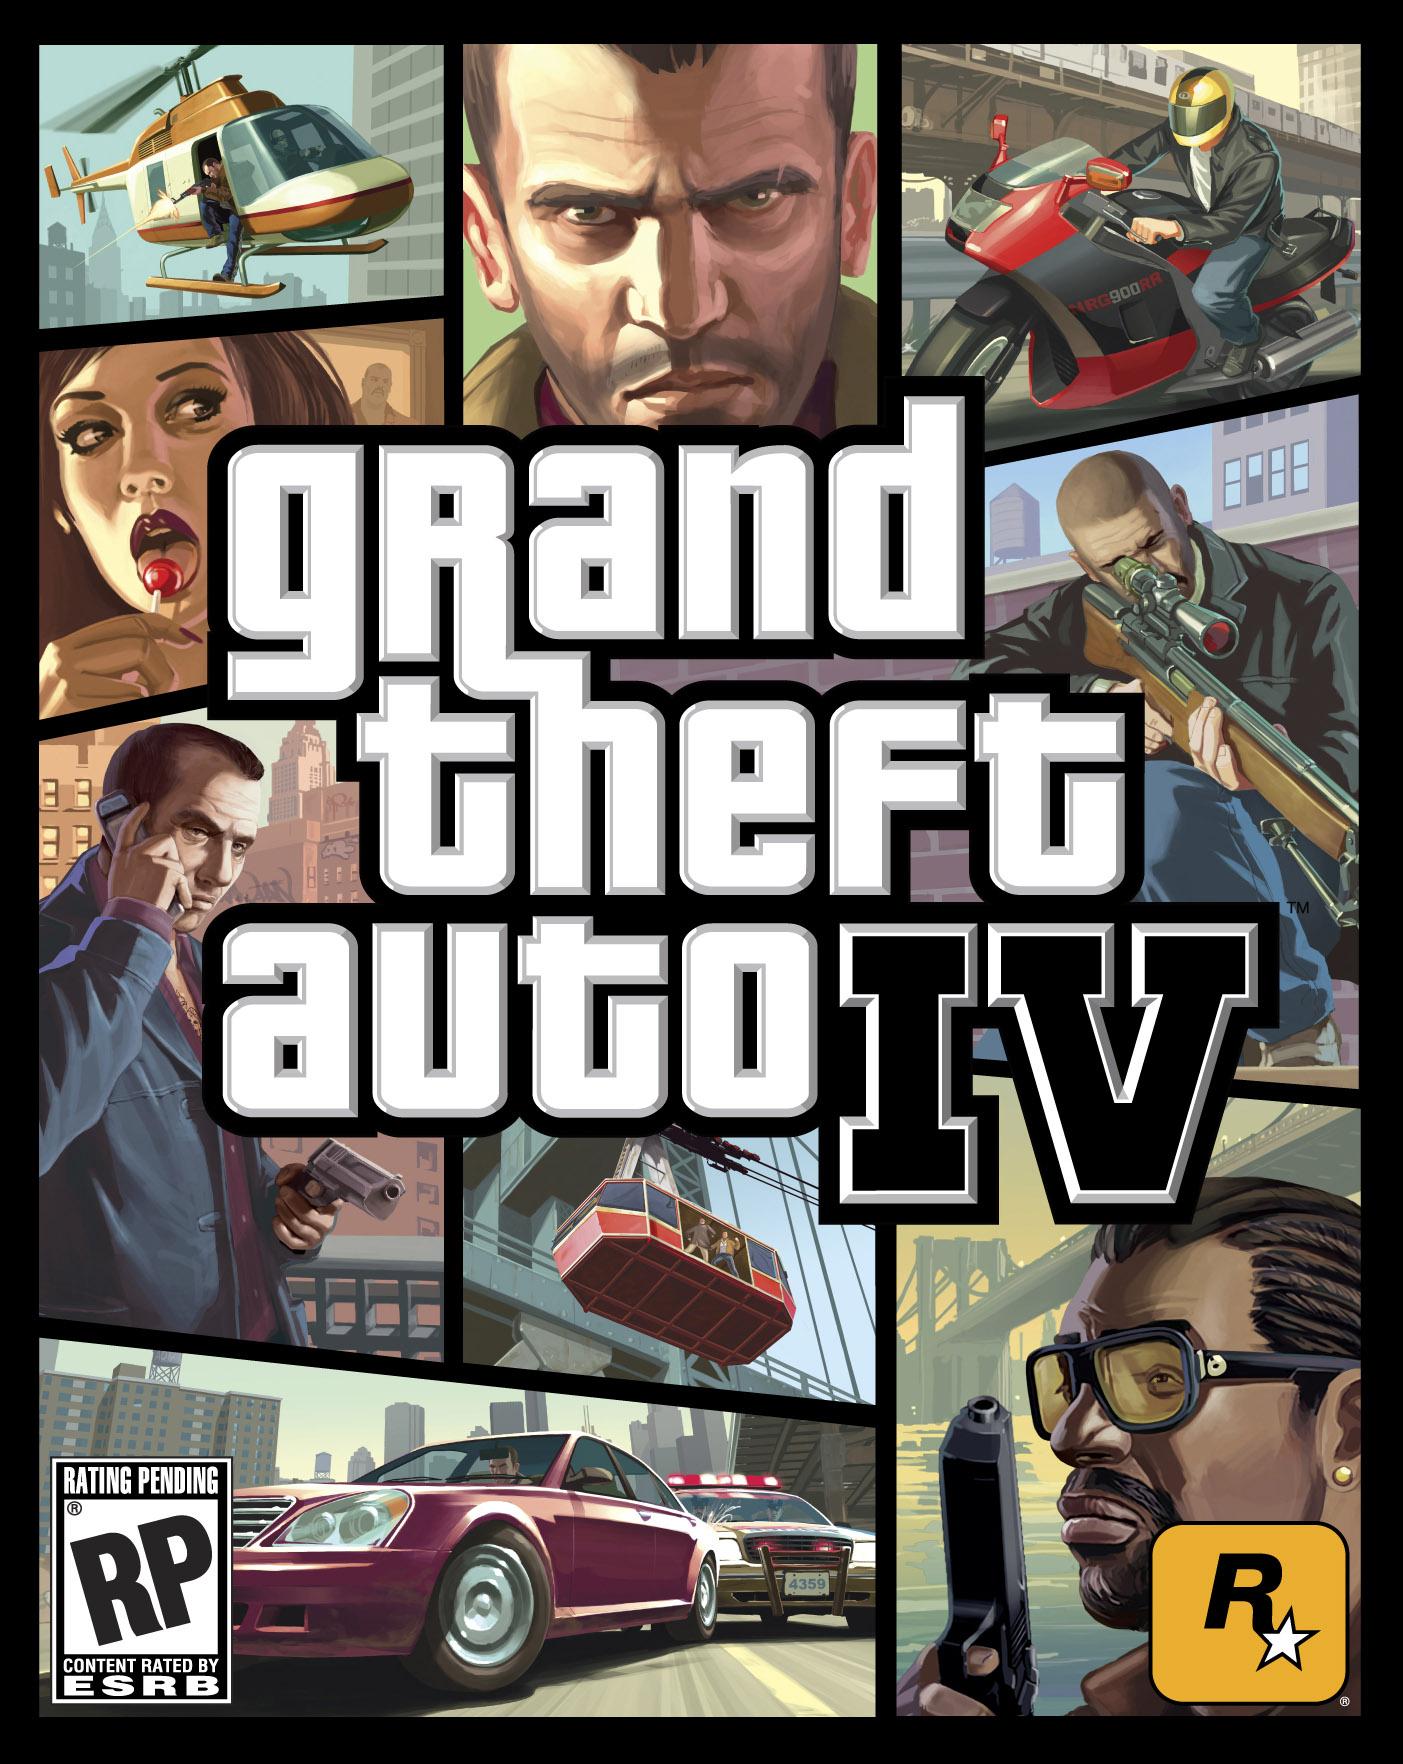 https://i2.wp.com/pnmedia.gamespy.com/planetgrandtheftauto.gamespy.com/images/gta4/gta4box.jpg